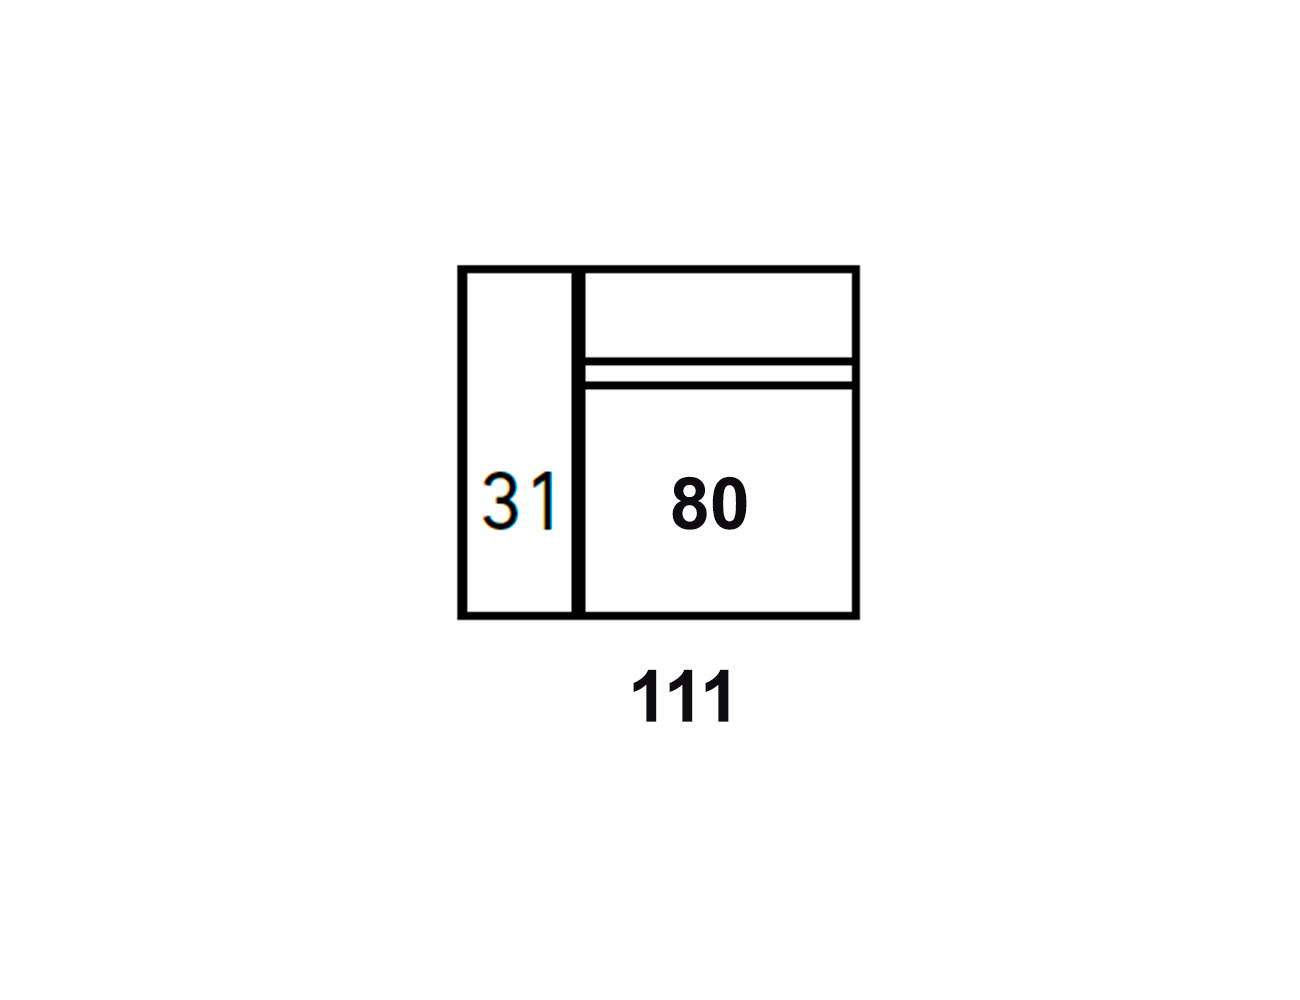 Modulo 1p 1111